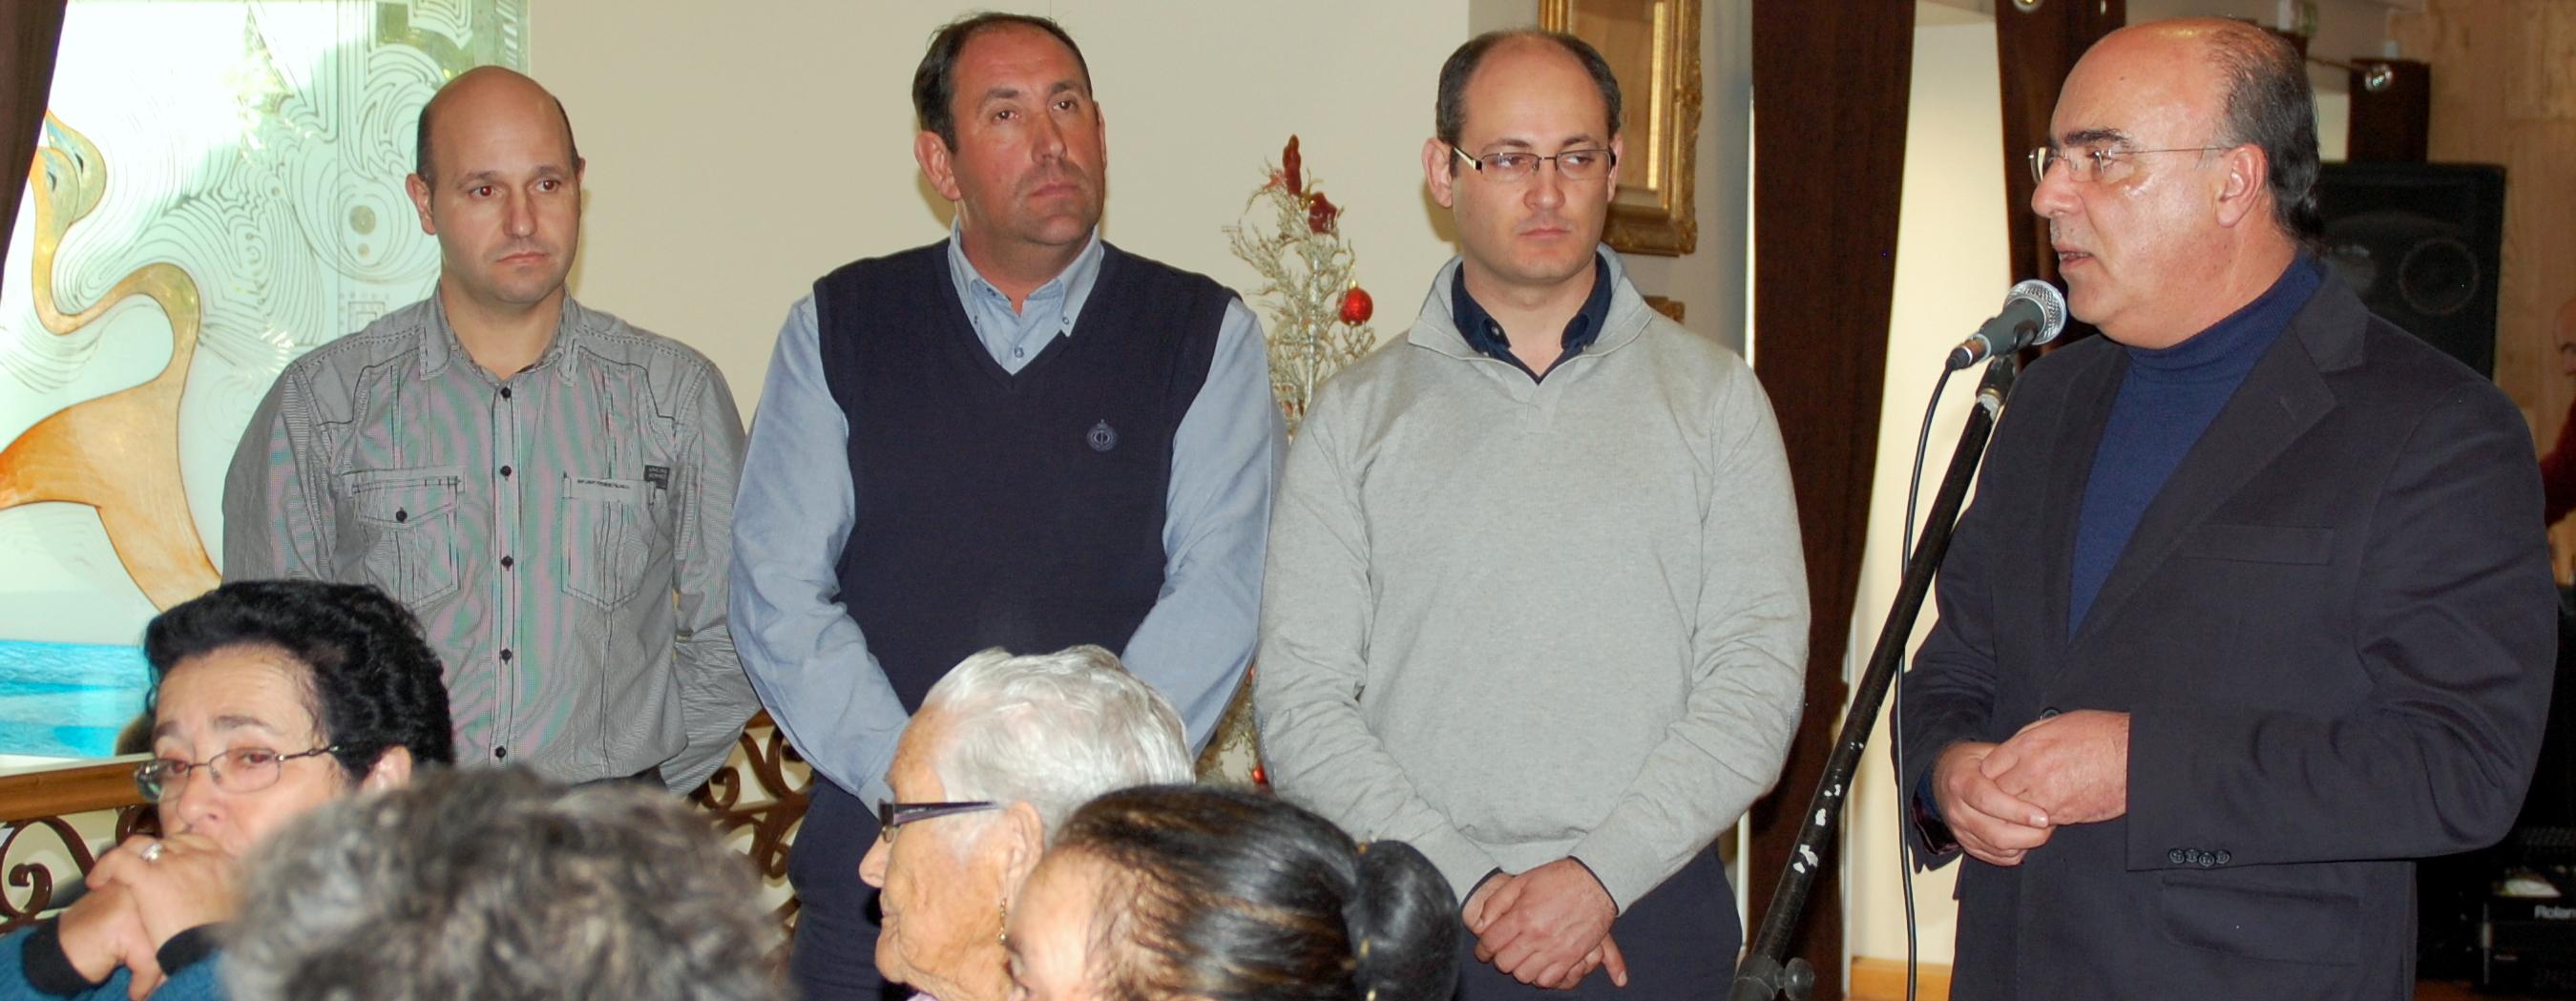 Presidente da Câmara deixa mensagem de solidariedade em encontros de Natal